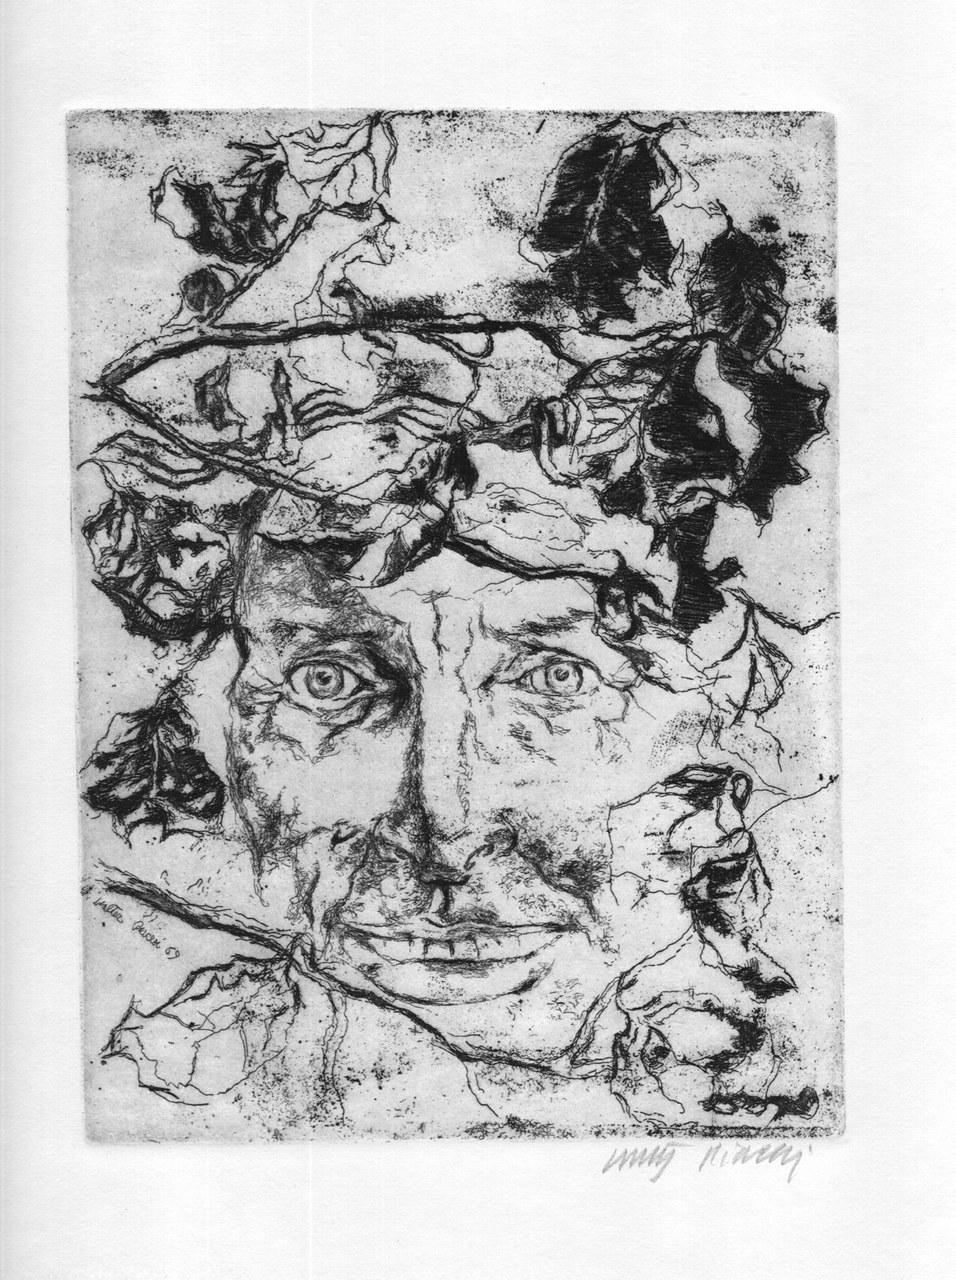 Acquaforte di Walter Piacesi per Sereni, 1970 a